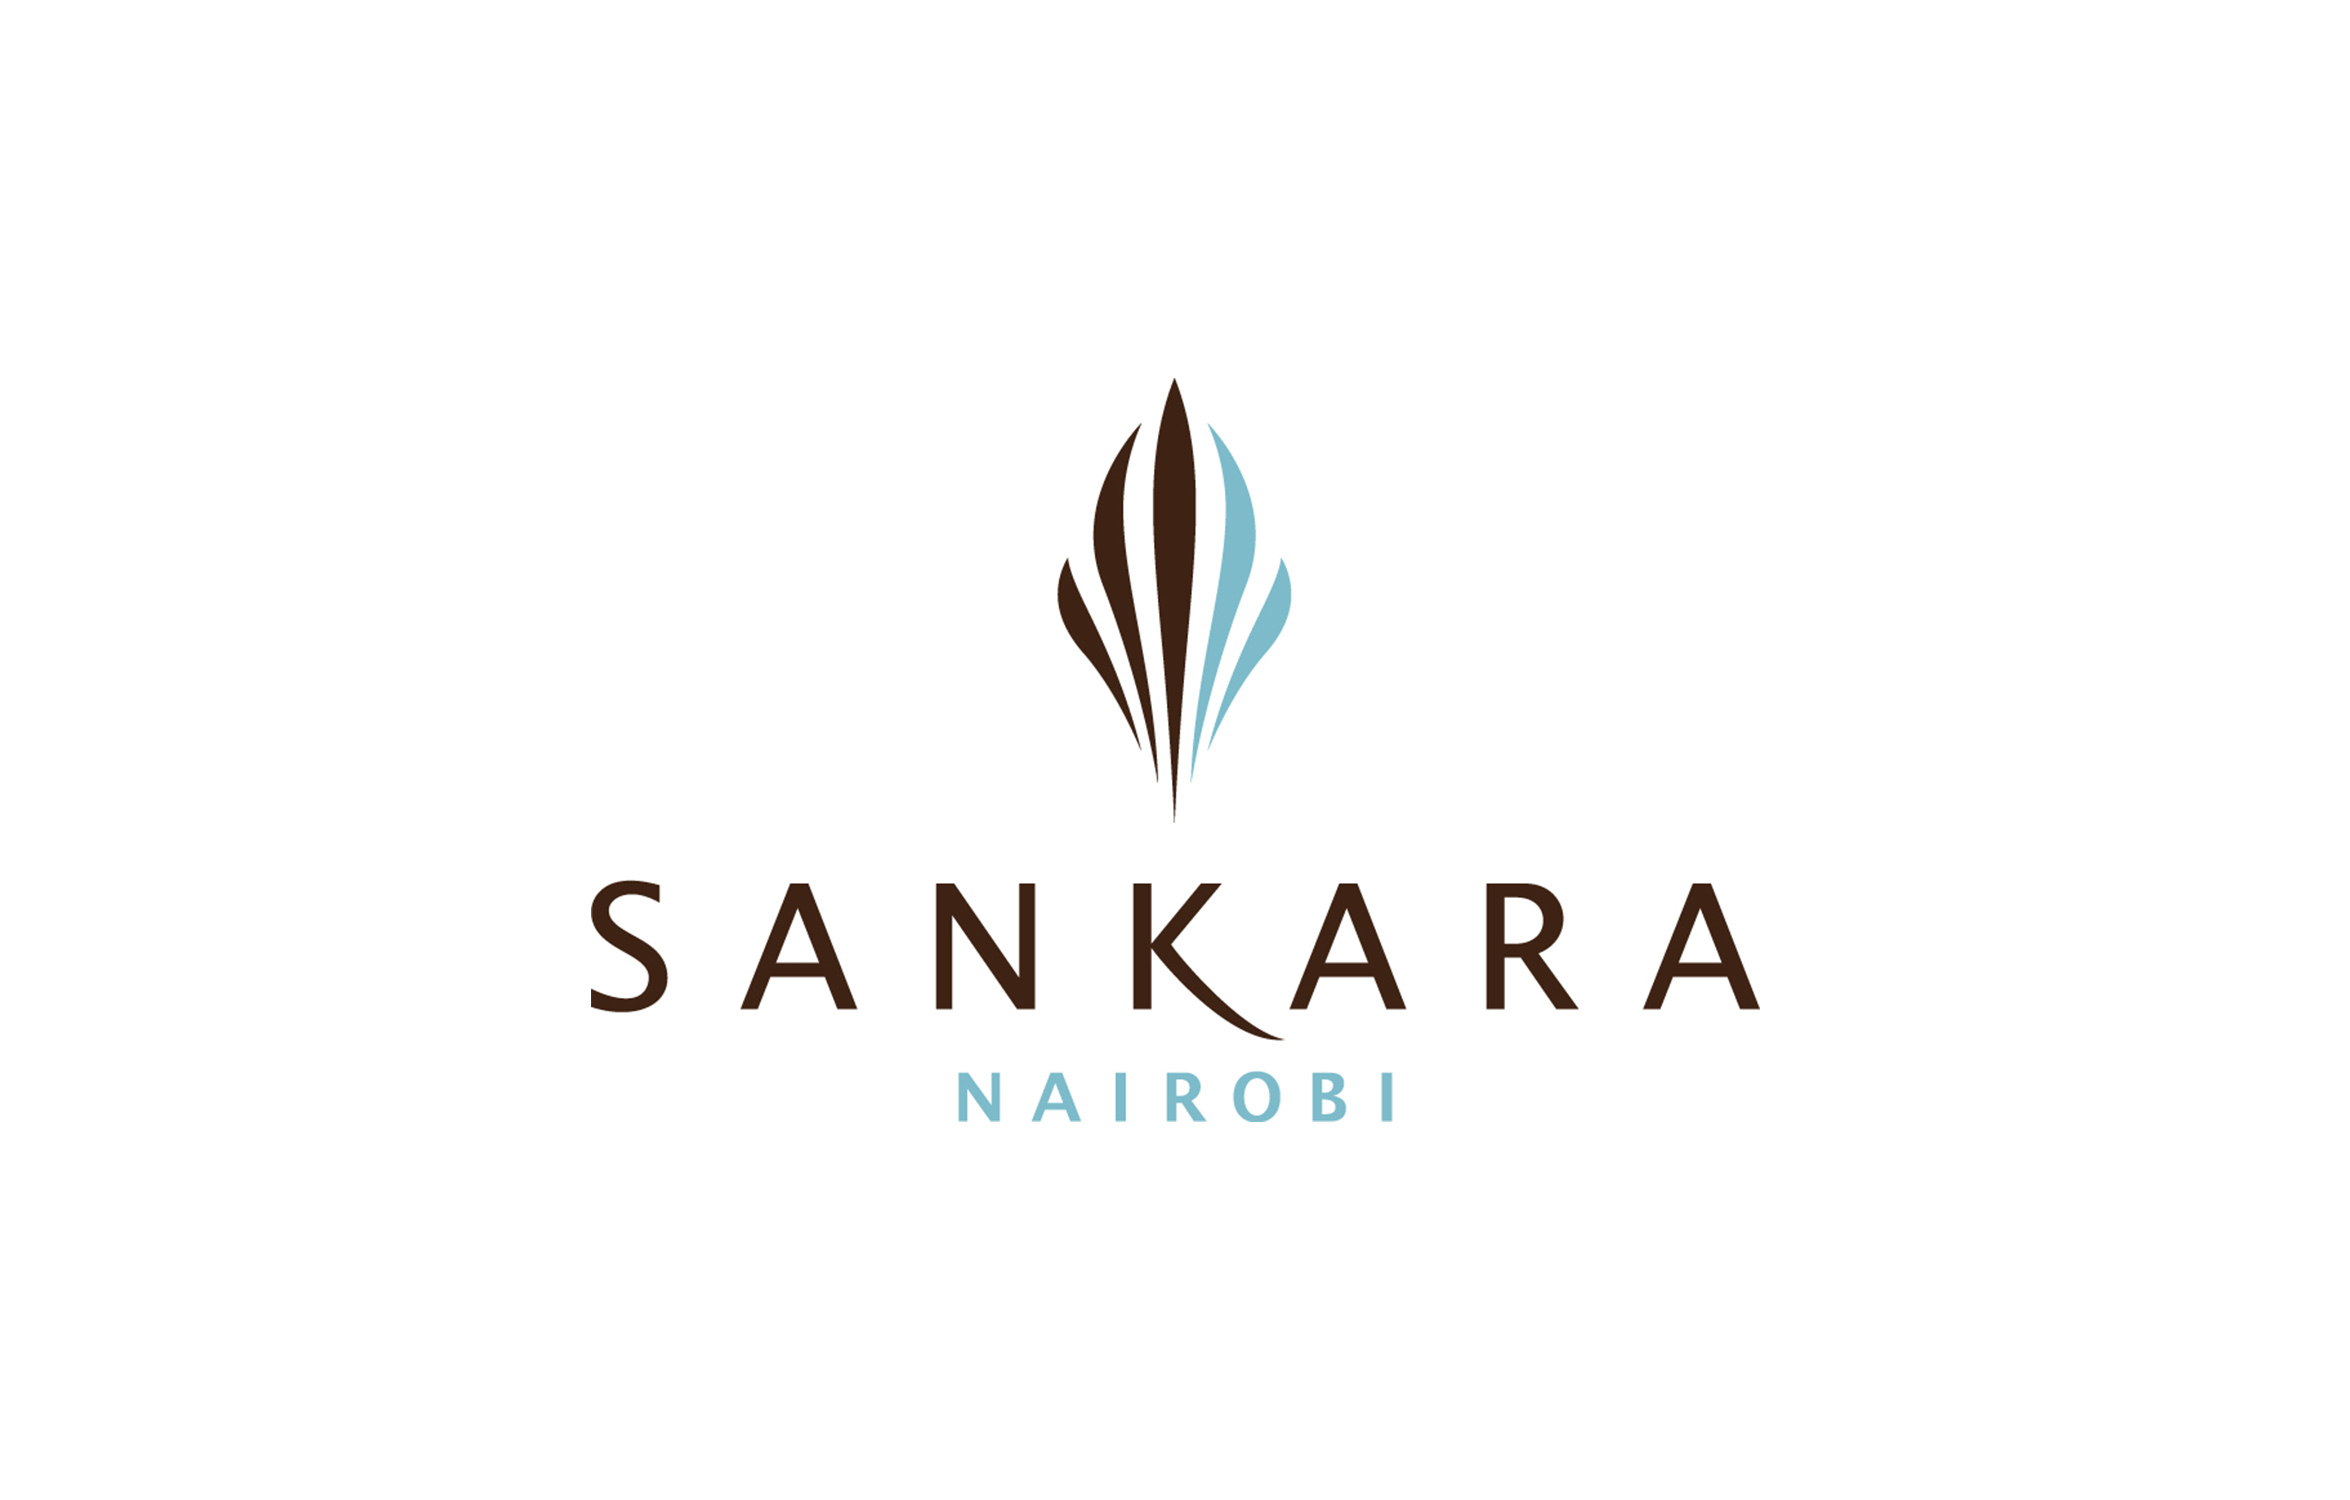 sankara_logo